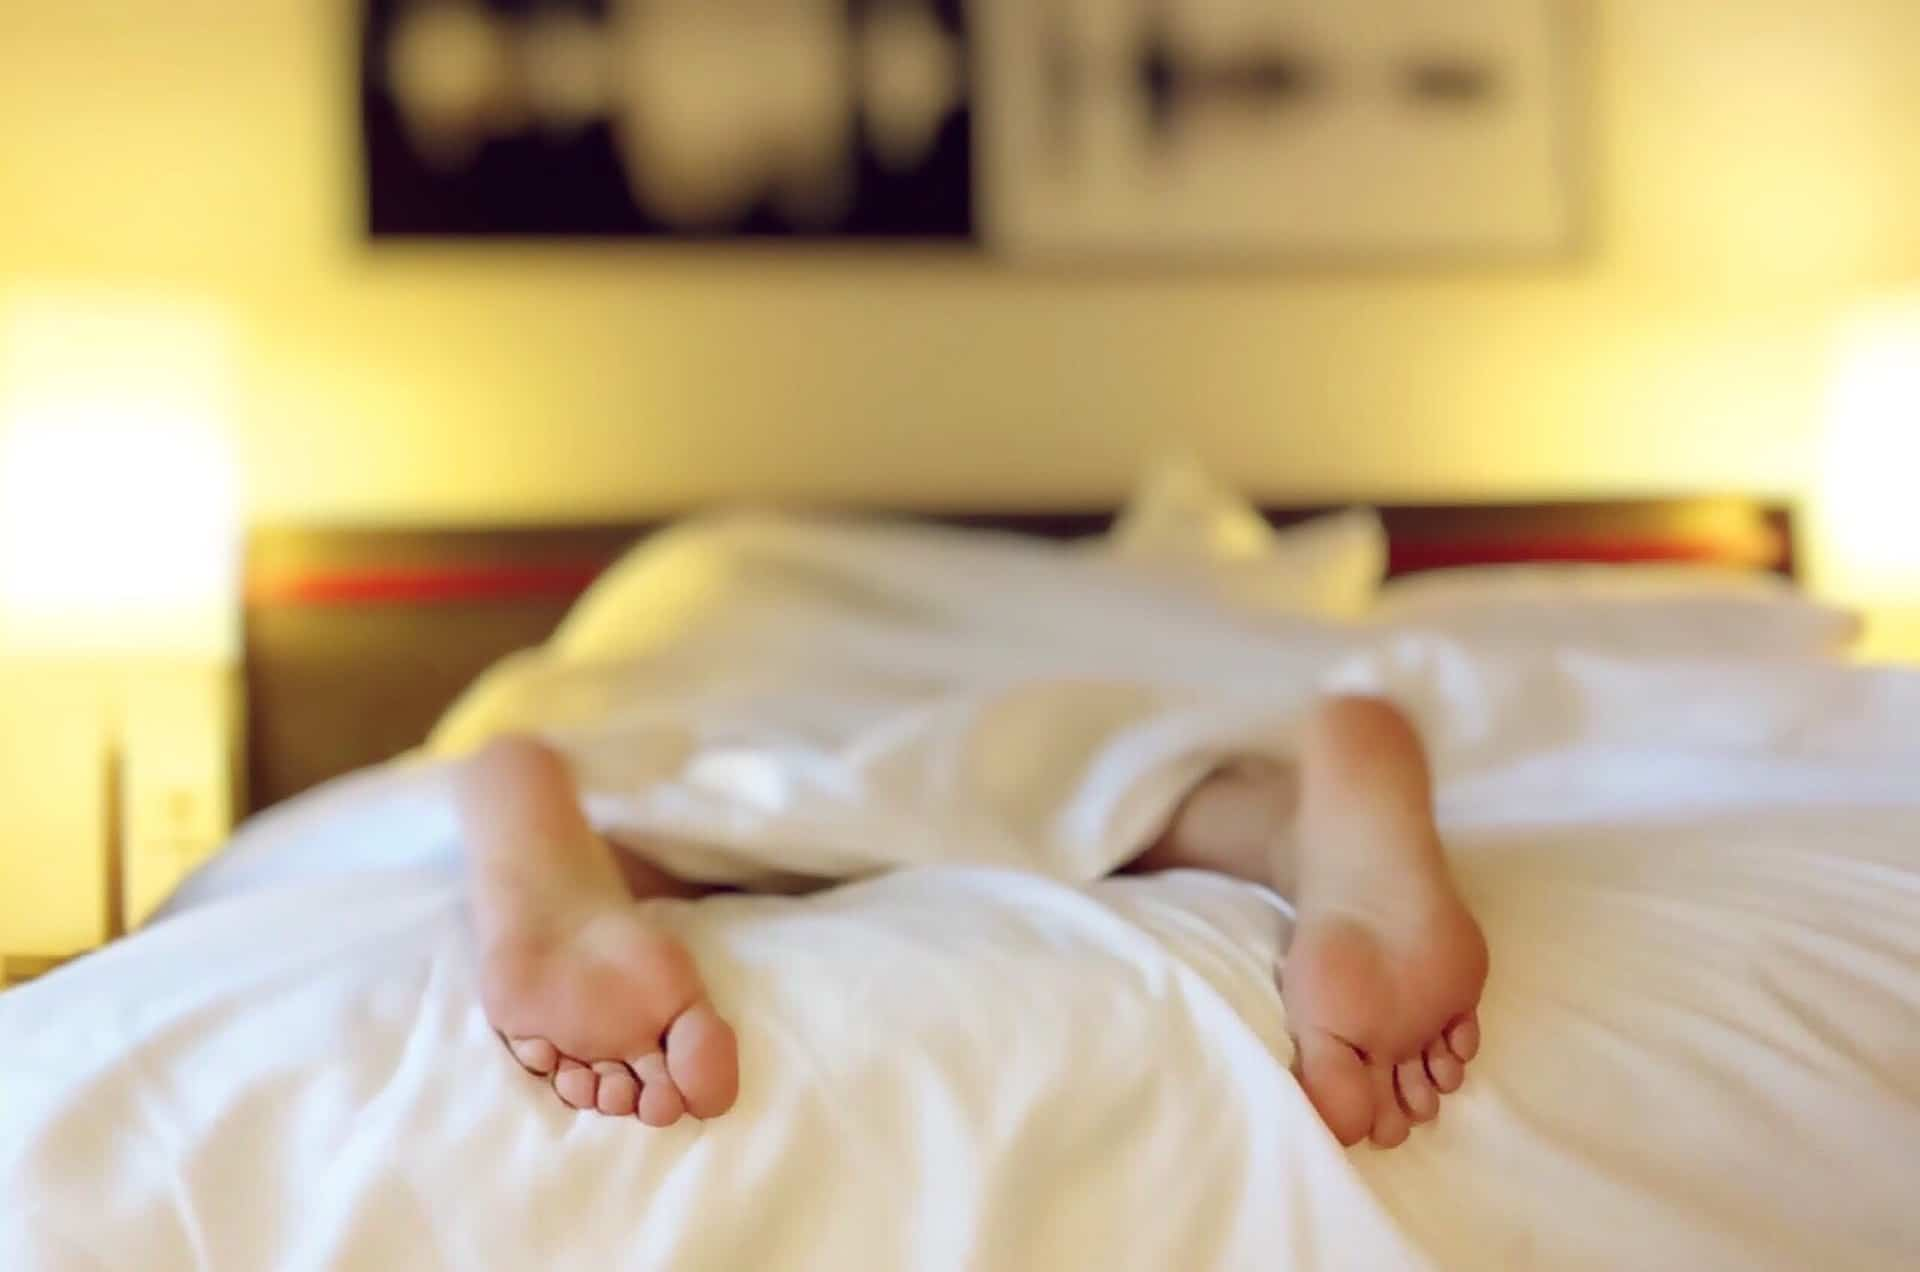 איך מסבירים לילדים שאמא או אבא עייפים